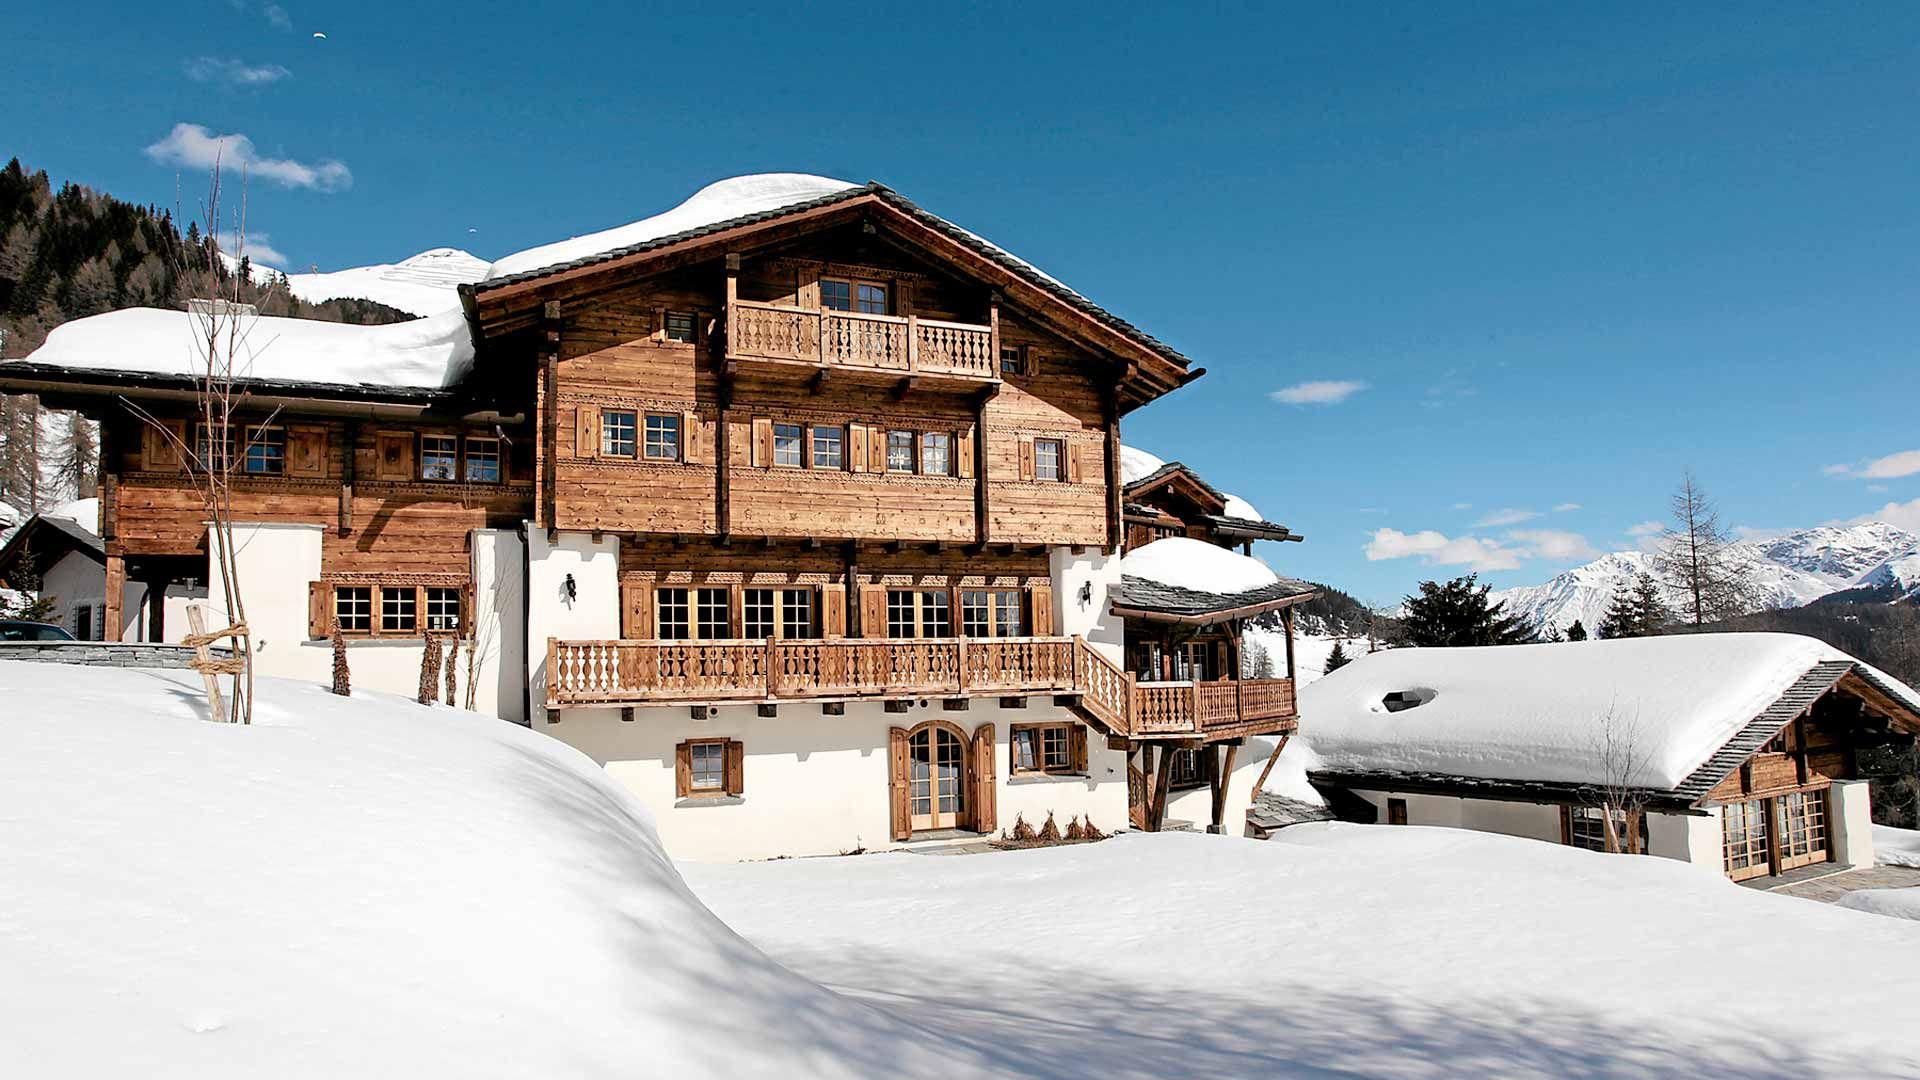 chalet de ski de luxe 224 louer 224 davos couchage jusqu 224 16 personnes